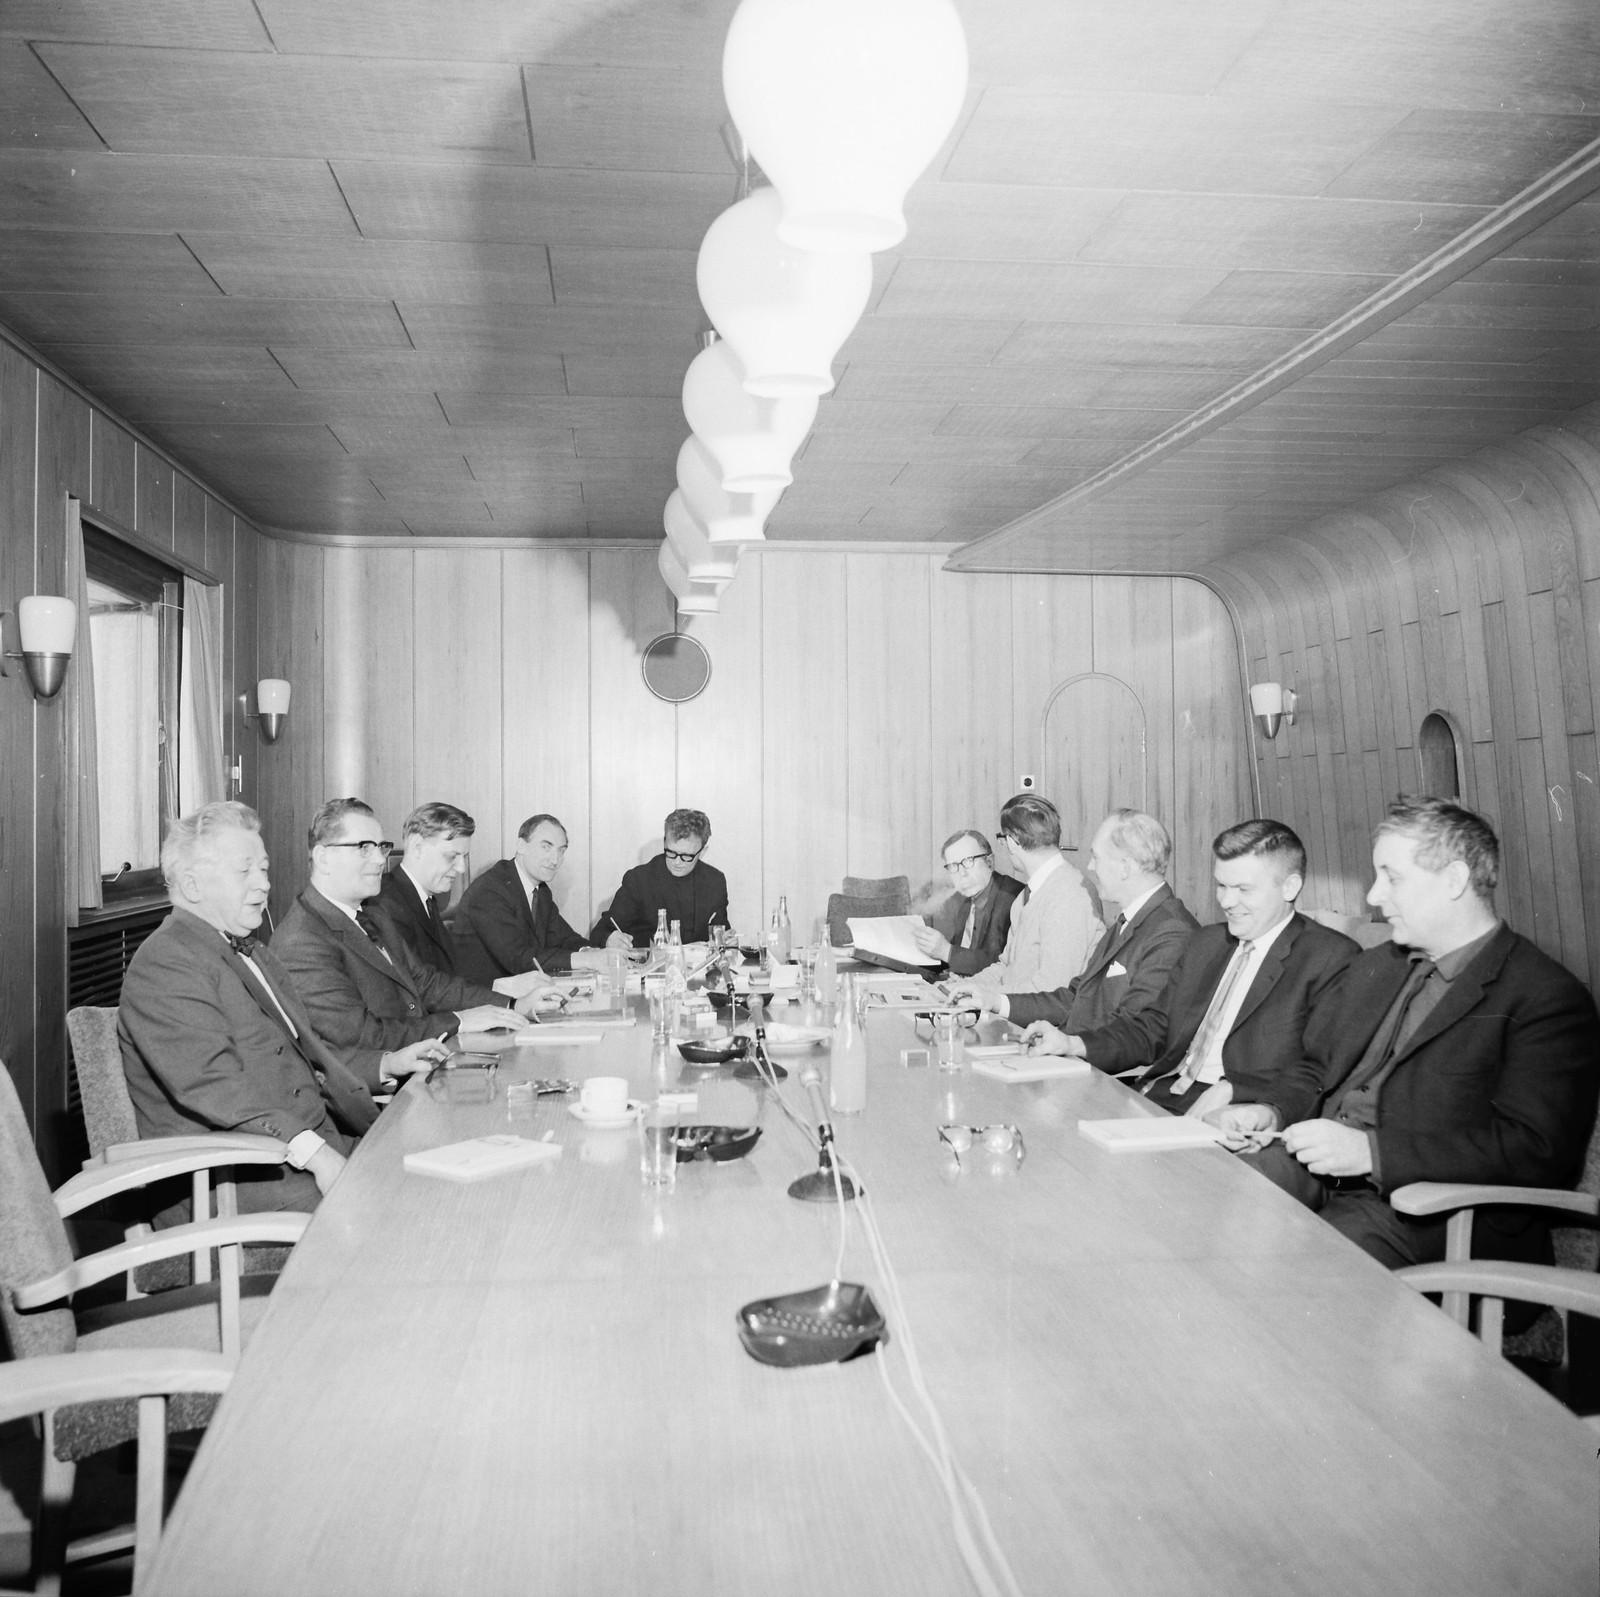 Møte med et utvalg fra Kringkastingsrådet i NRK, programutvalg II 1965. Fra Høyre i bilde Torolf Elster, Bjartmar Gjerde, Oscar Olsen, Ingjald Ørbeck Sørheim, Hans Jacob Ustedt, Ivar Eskeland, Oddvar Folkestad, Tor Olav Oftedal, Halvor Hjertvik, og Torolv Kandahl.